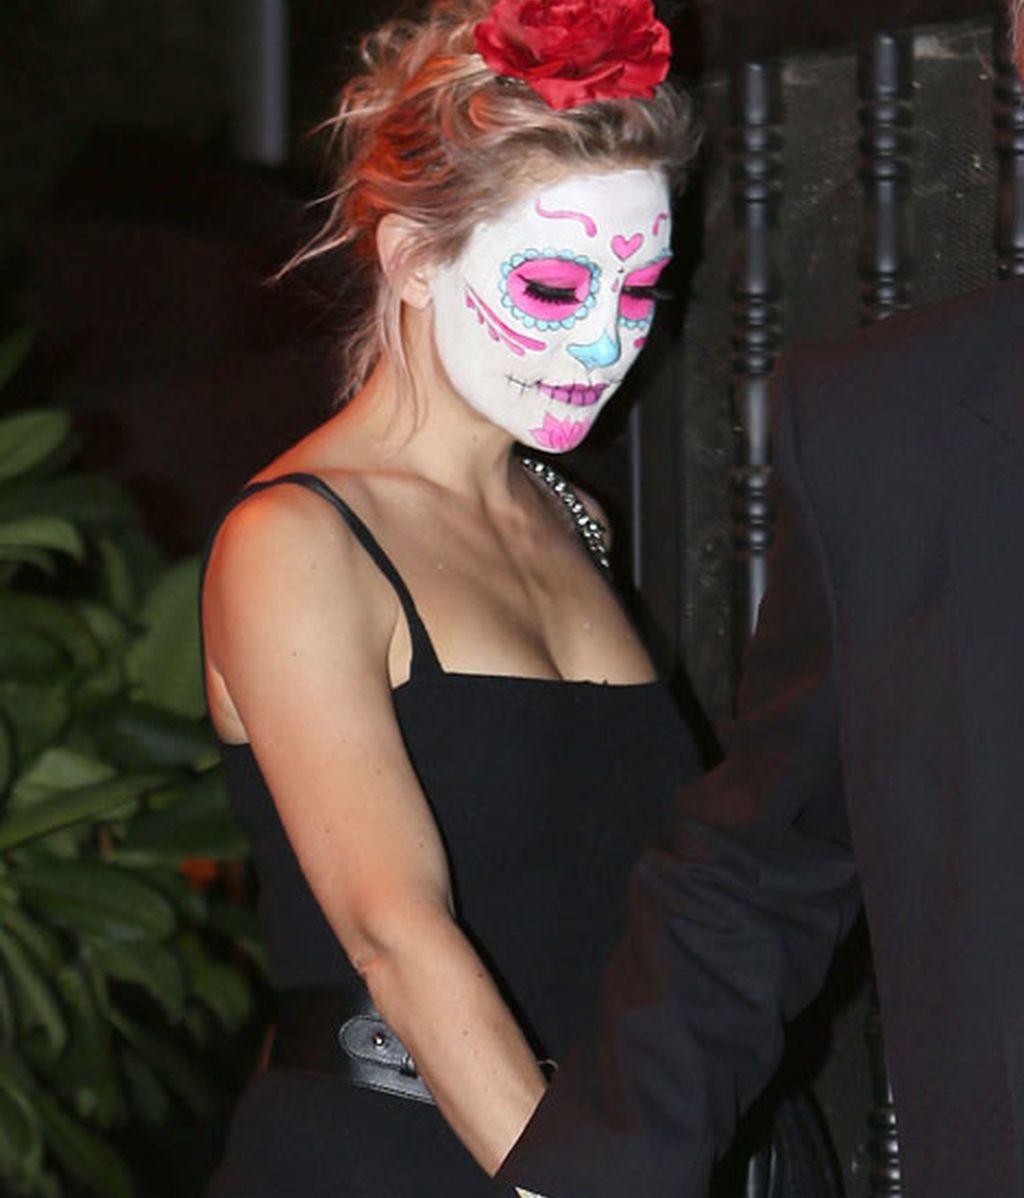 La modelo Kate Hudson decoró su rostro con un maquillaje 'cadavérico'